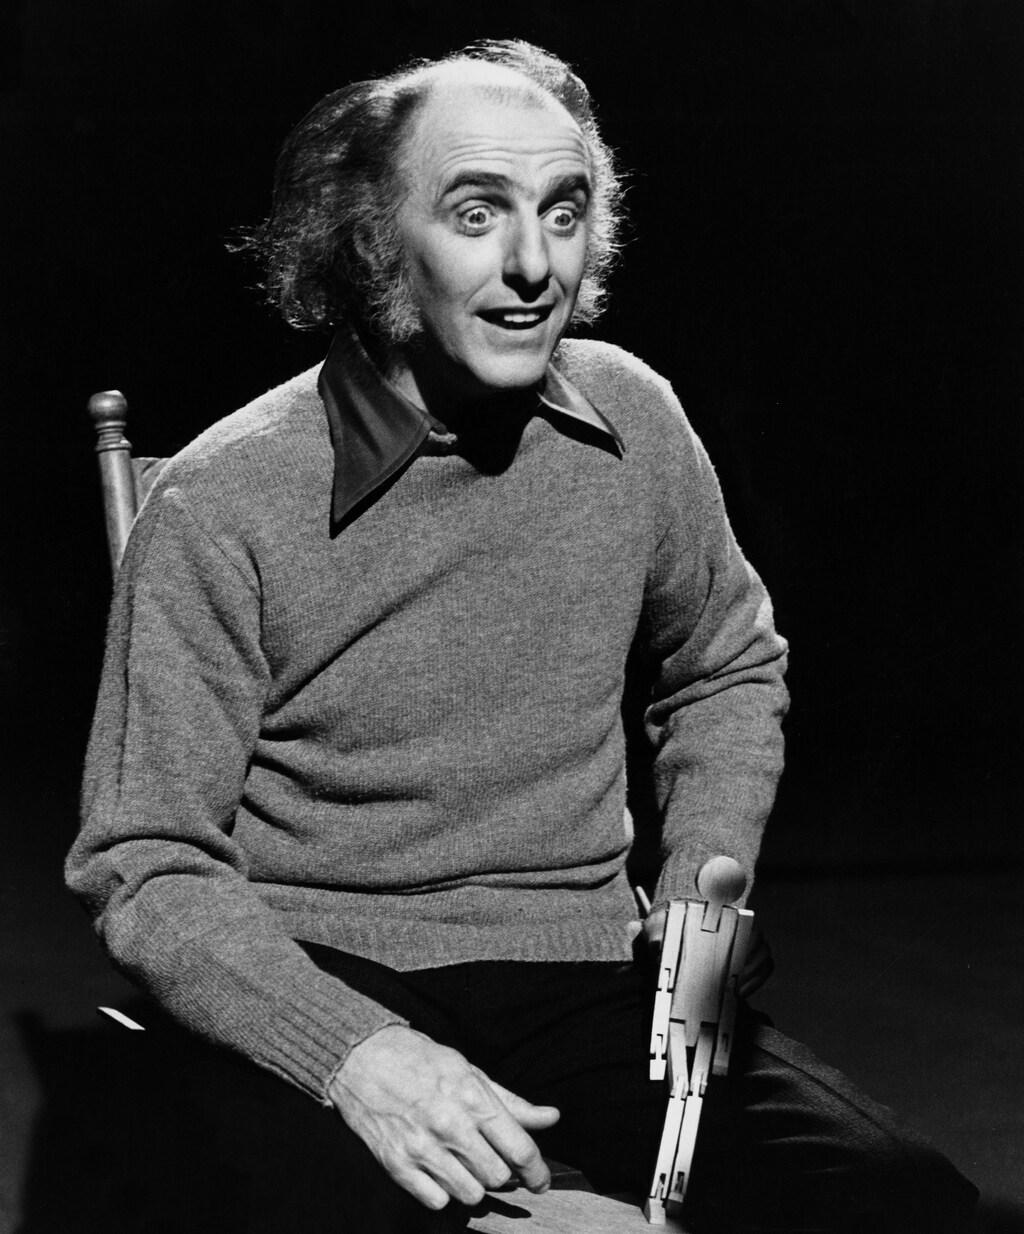 Dans un studio de télévision, l'auteur-compositeur québécois Gilles Vigneault est assis sur une chaise et fait giguer un petit pantin de bois au rythme de la musique.